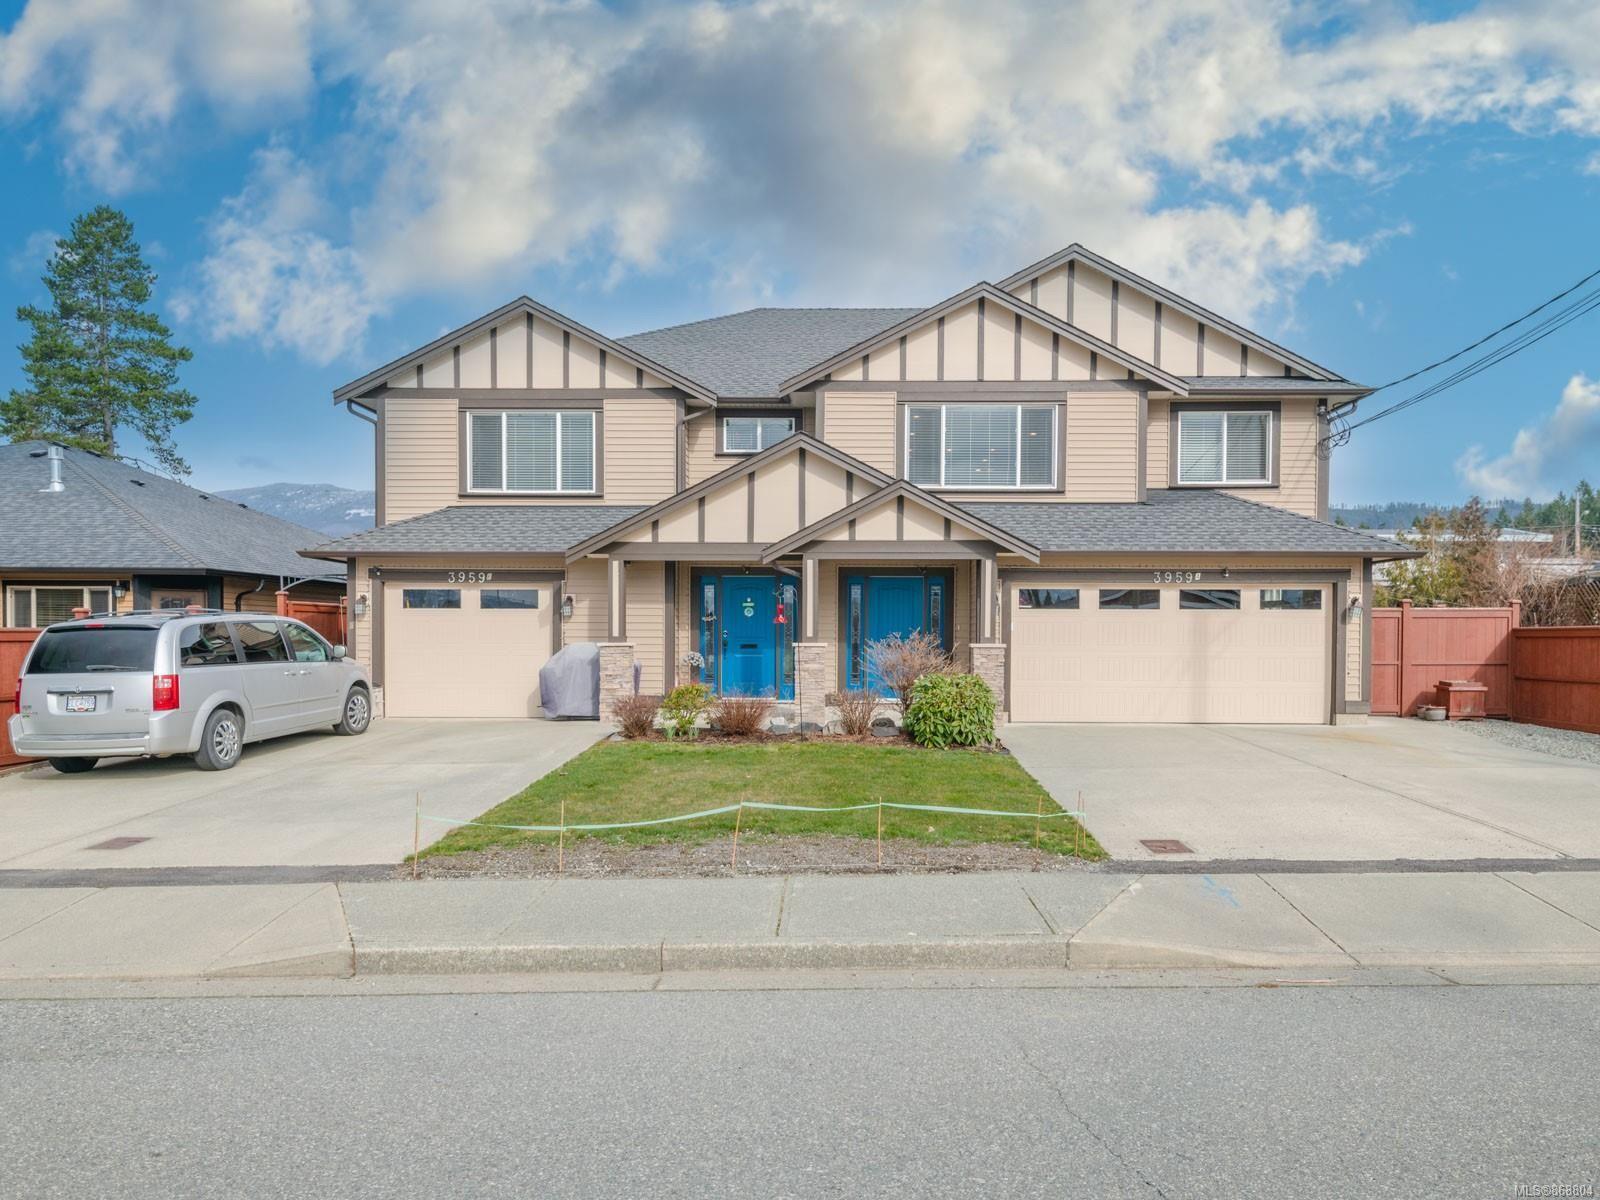 Main Photo: 3959 Compton Rd in : PA Port Alberni Full Duplex for sale (Port Alberni)  : MLS®# 868804